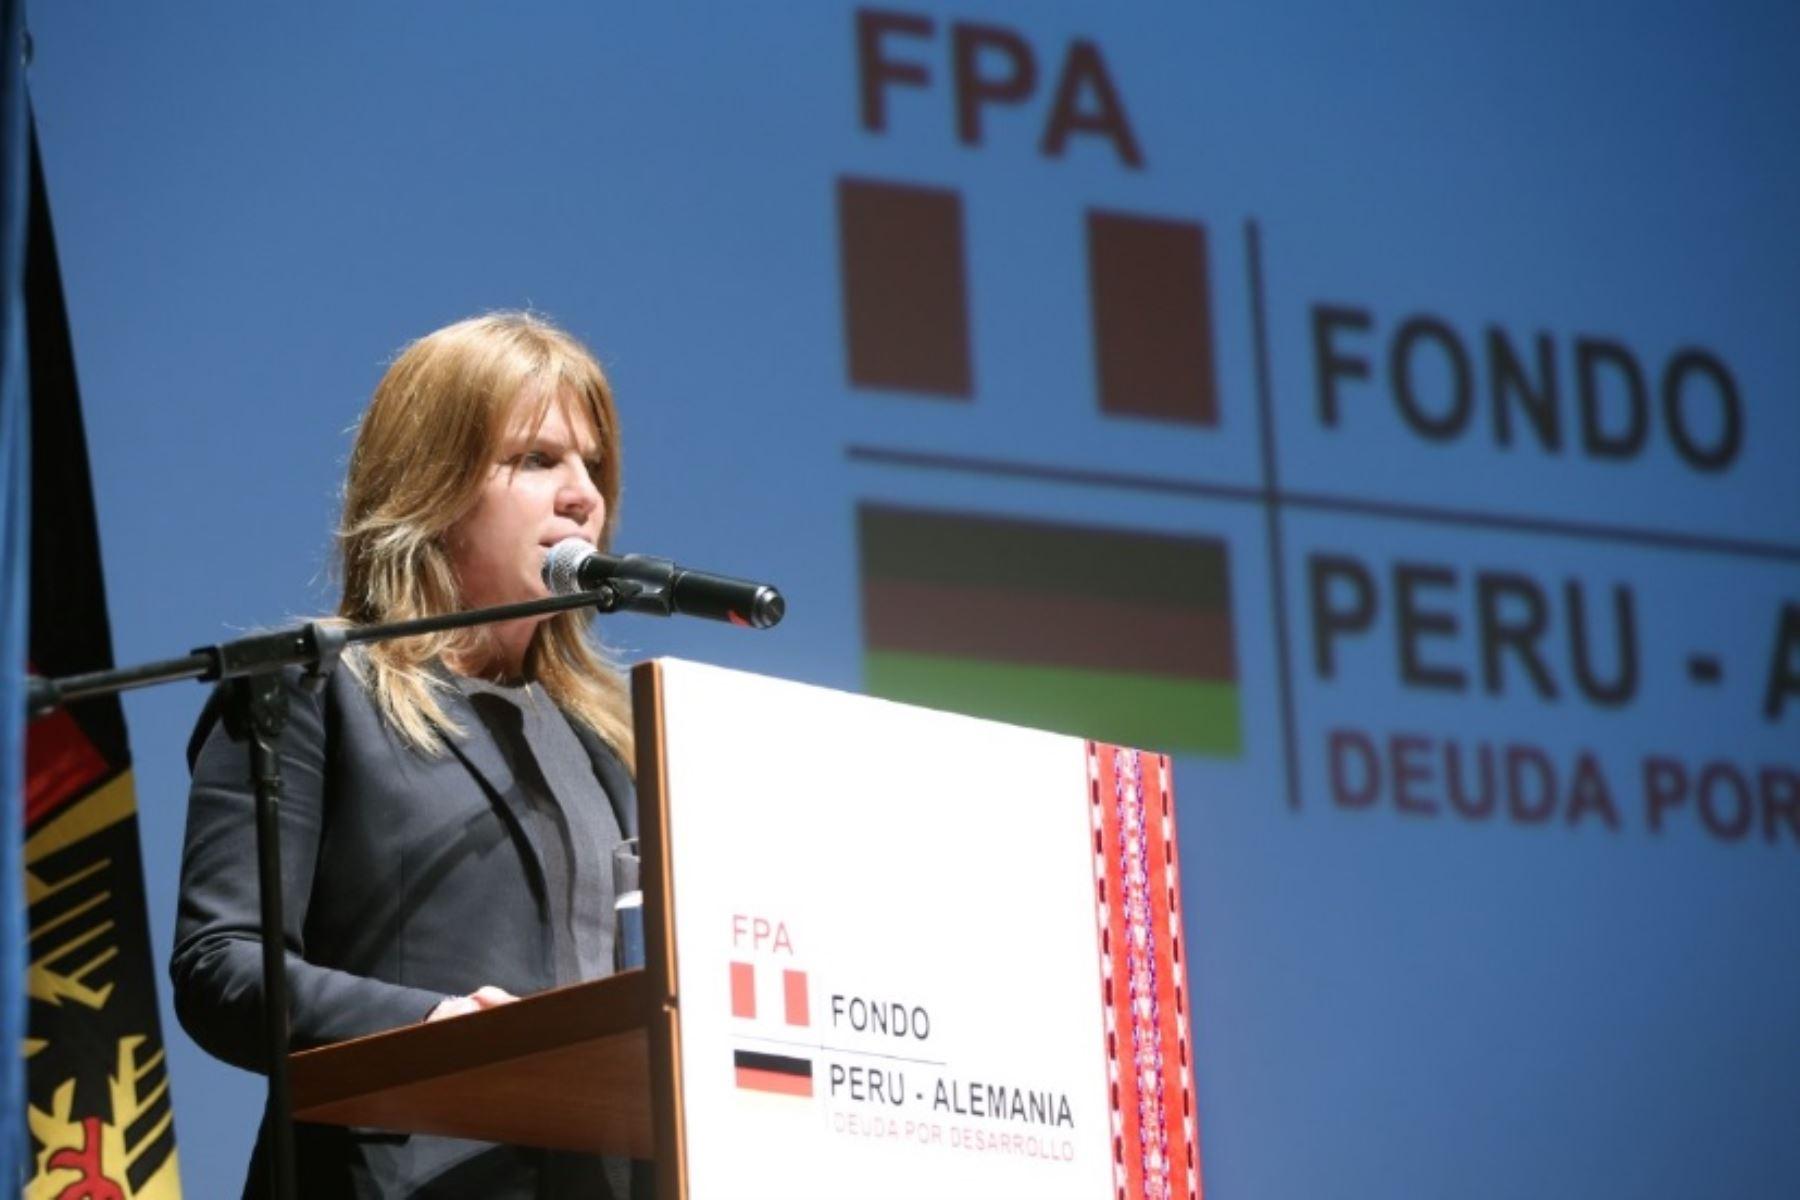 Gracias a la operación del Fondo Contravalor Perú-Alemania, más de 500,000 peruanos y peruanas de las zonas rurales de nuestro país han mejorado su calidad de vida, destacó la Ministra de Desarrollo e Inclusión Social, Cayetana Aljovín.